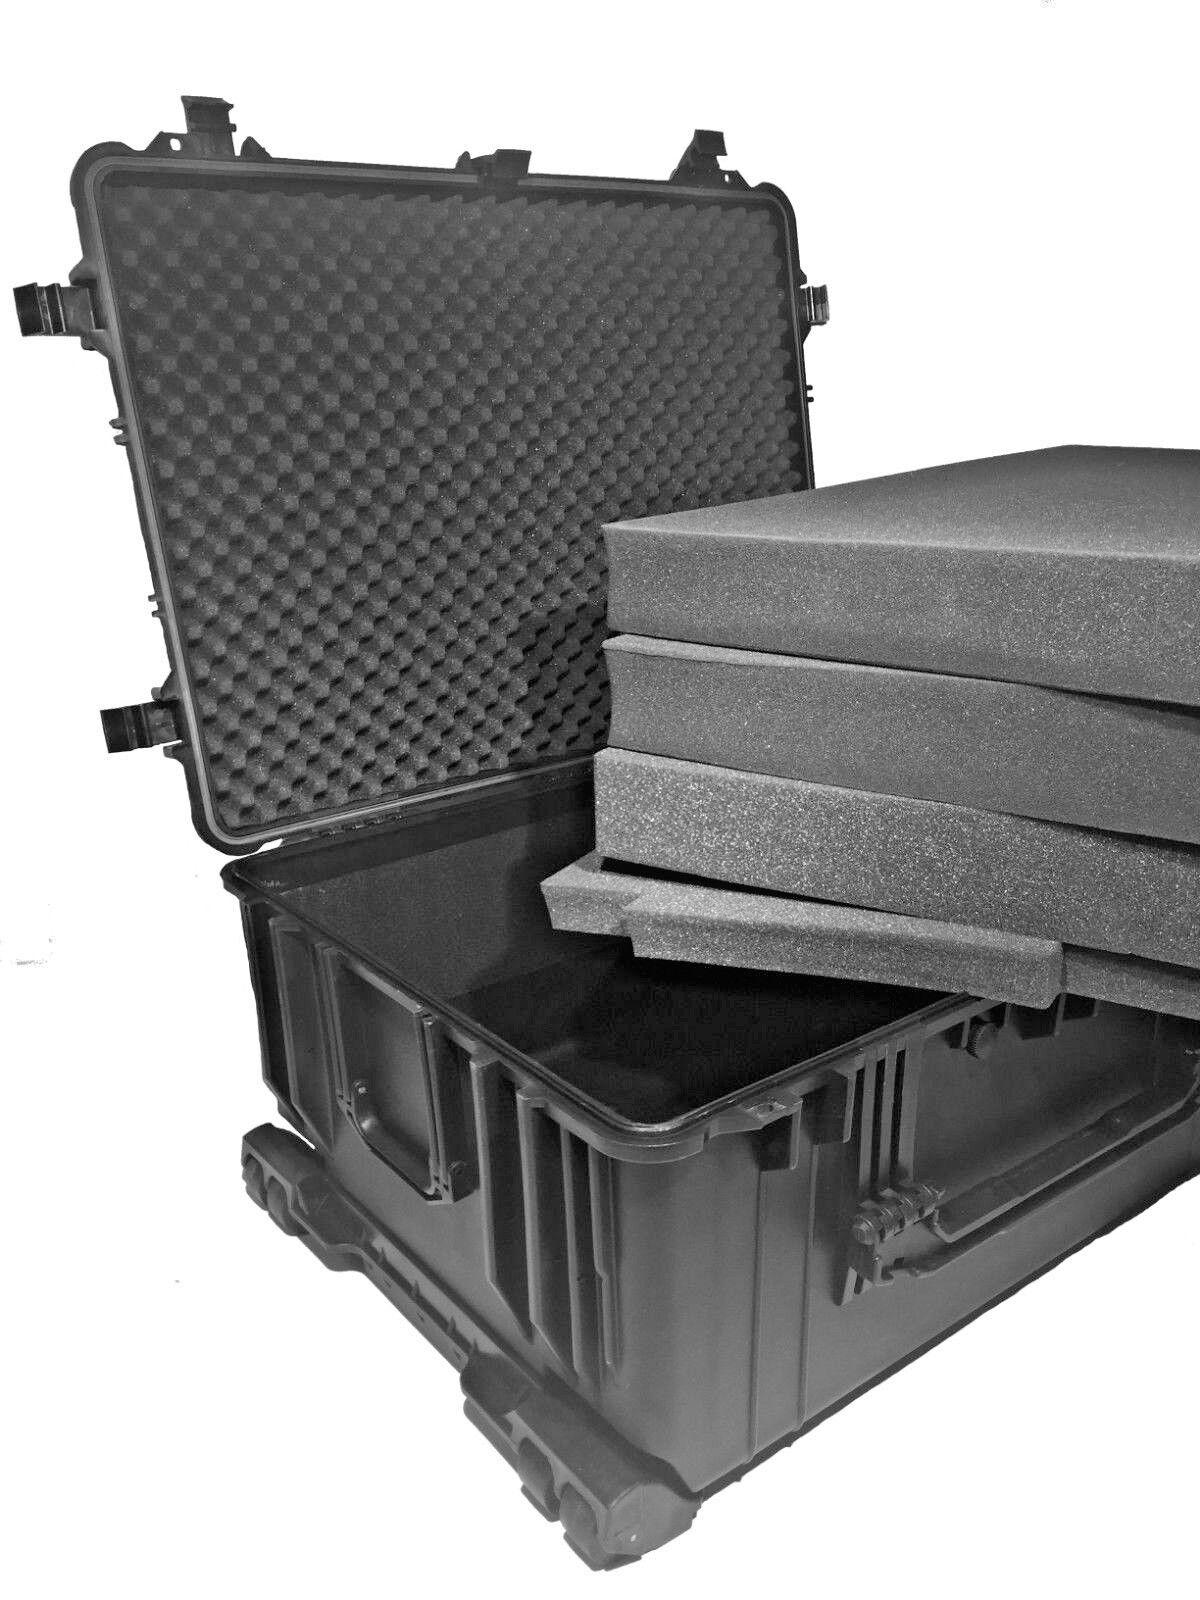 GRANDE MALLETTE TROLLEY + MOUSSES 730x530x320mm ETANCHE ANTI CHOC Flumière CASE